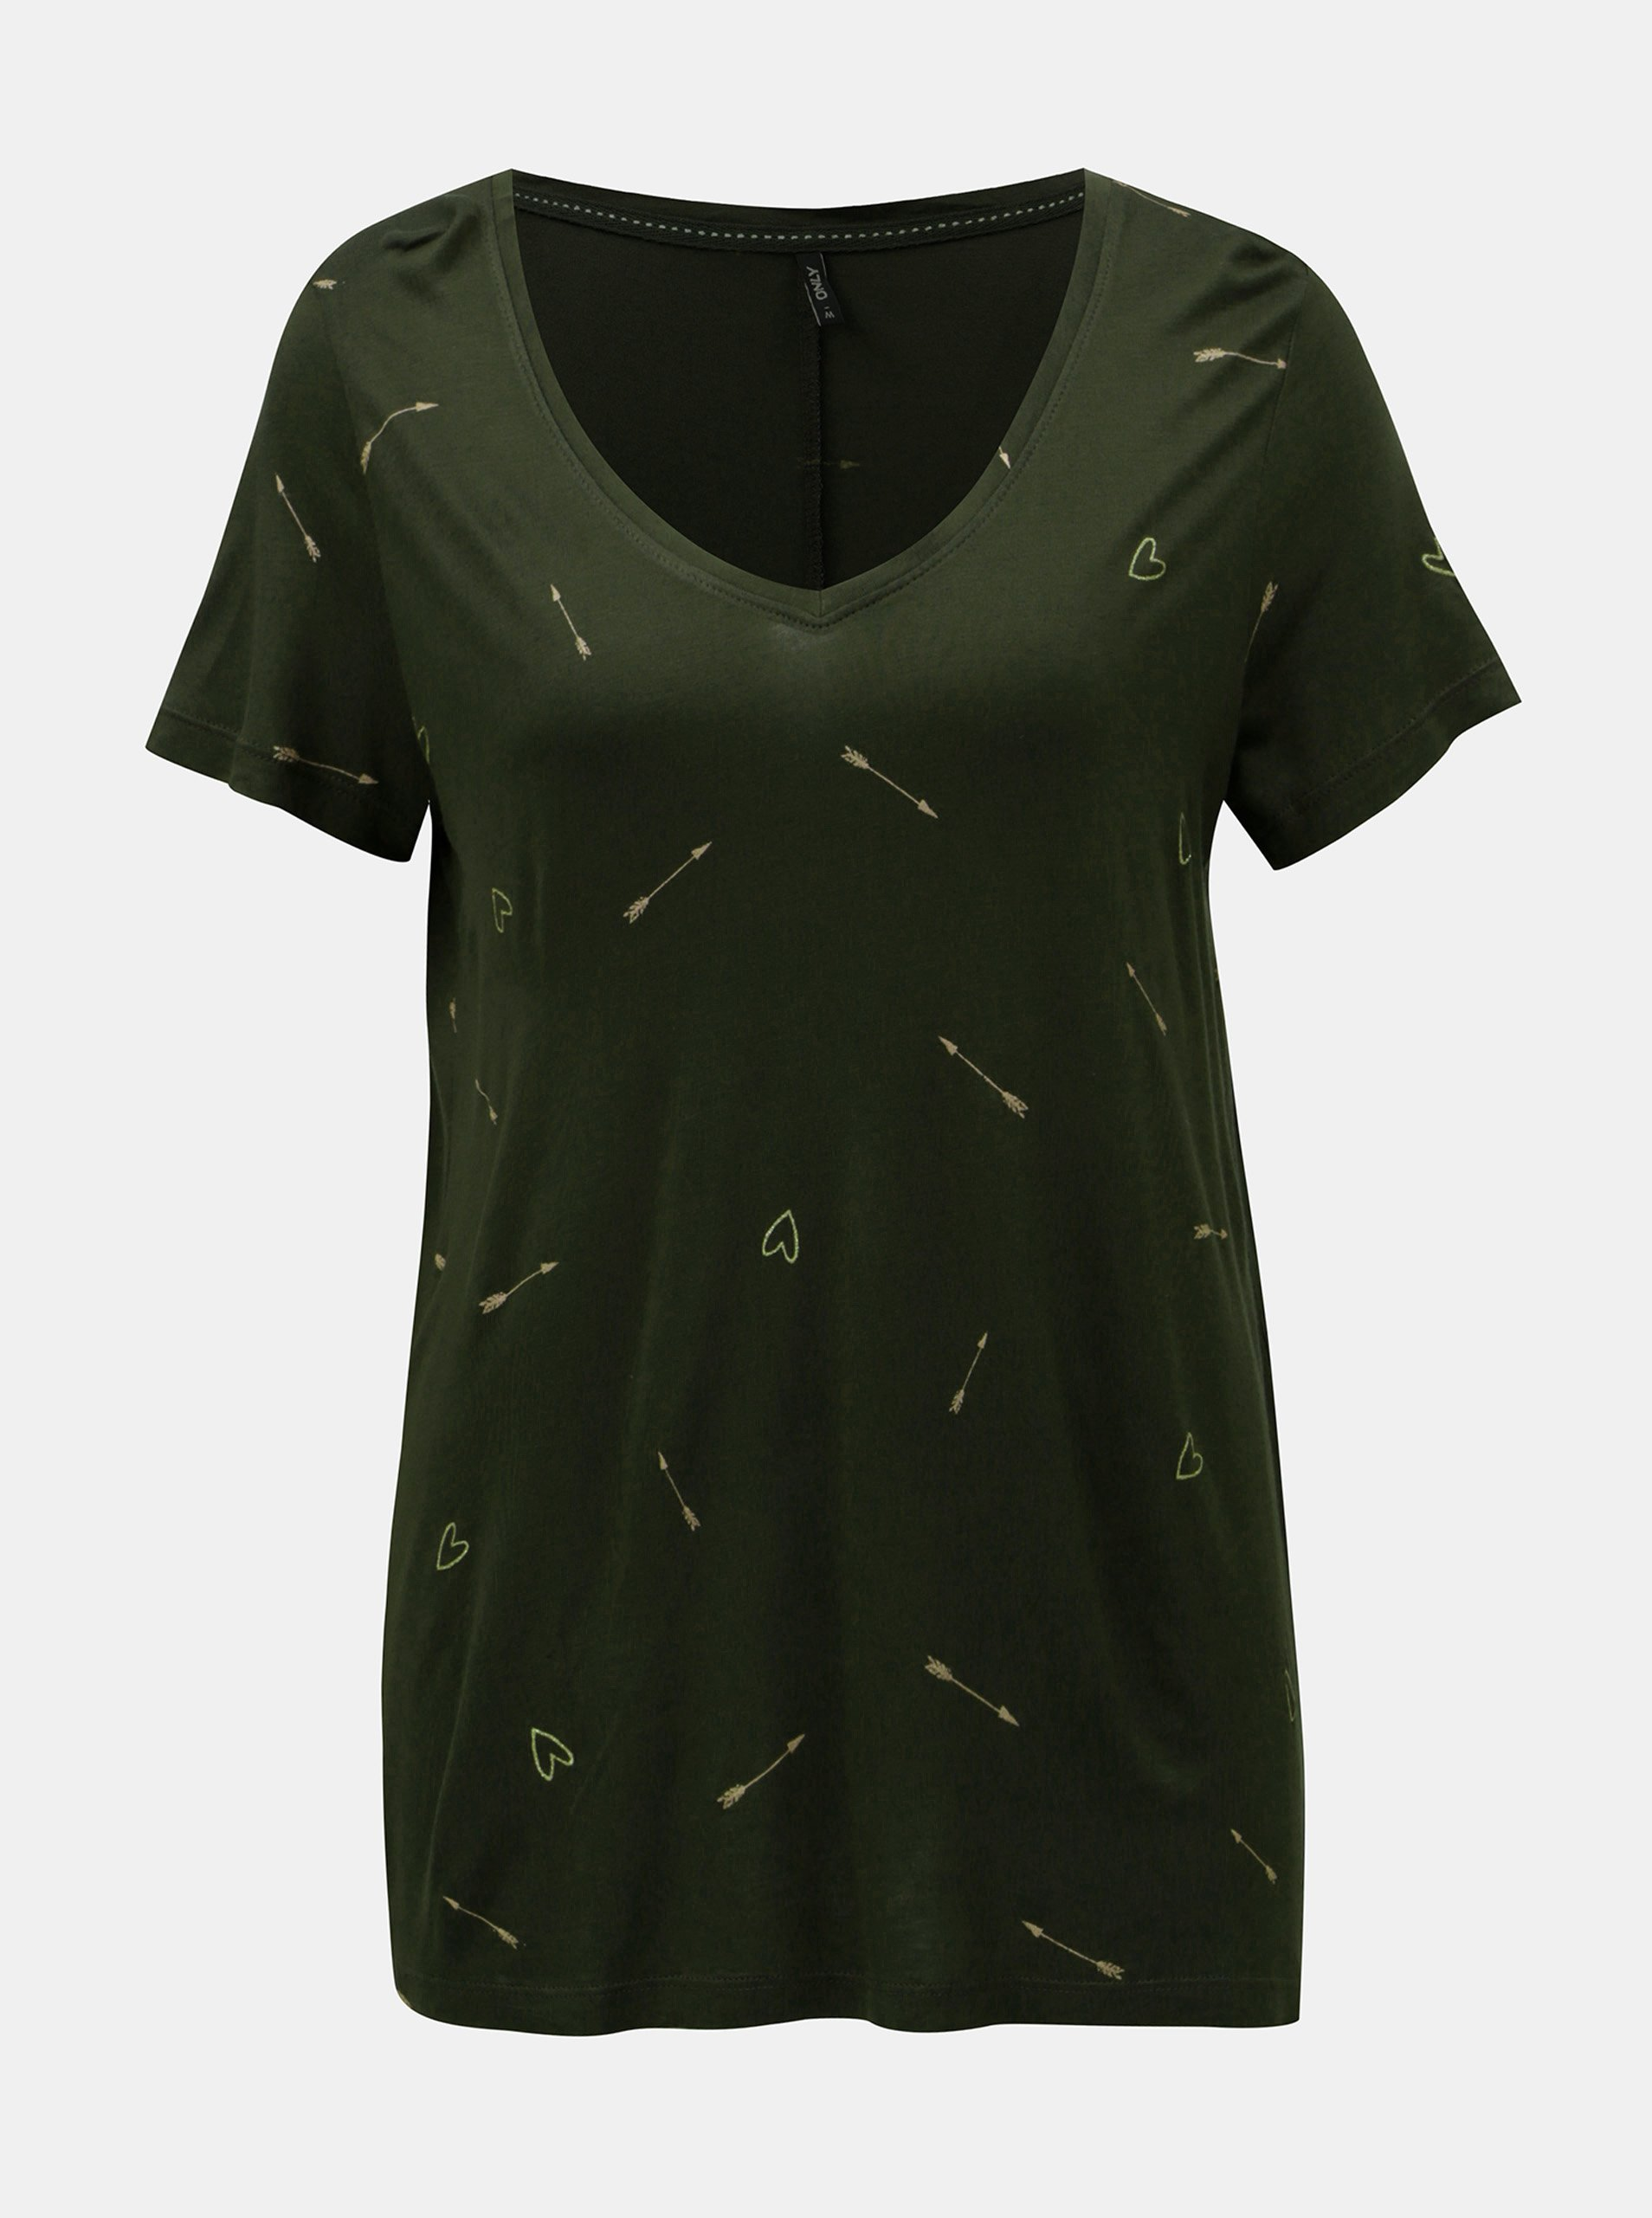 Tmavě zelené volné tričko s motivem srdcí a šípů ONLY Sabel cf4b808c02